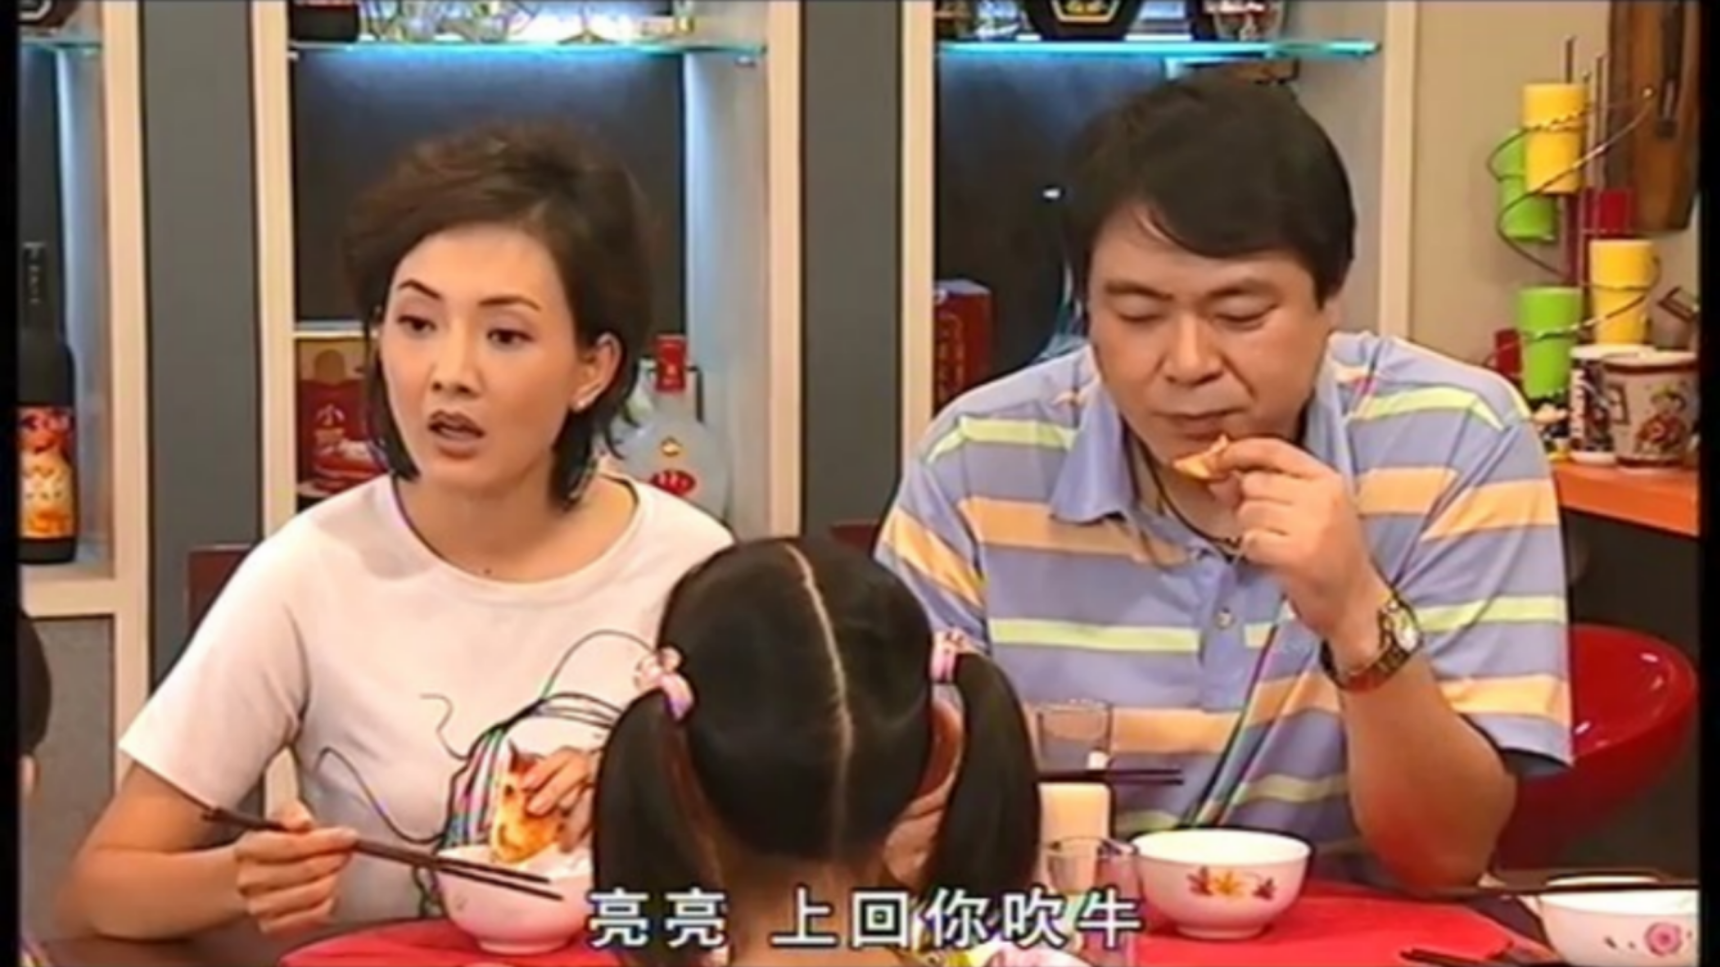 乐活家庭:张云不让亮亮盈盈上辅导班了,小萱带他们去体验生活!